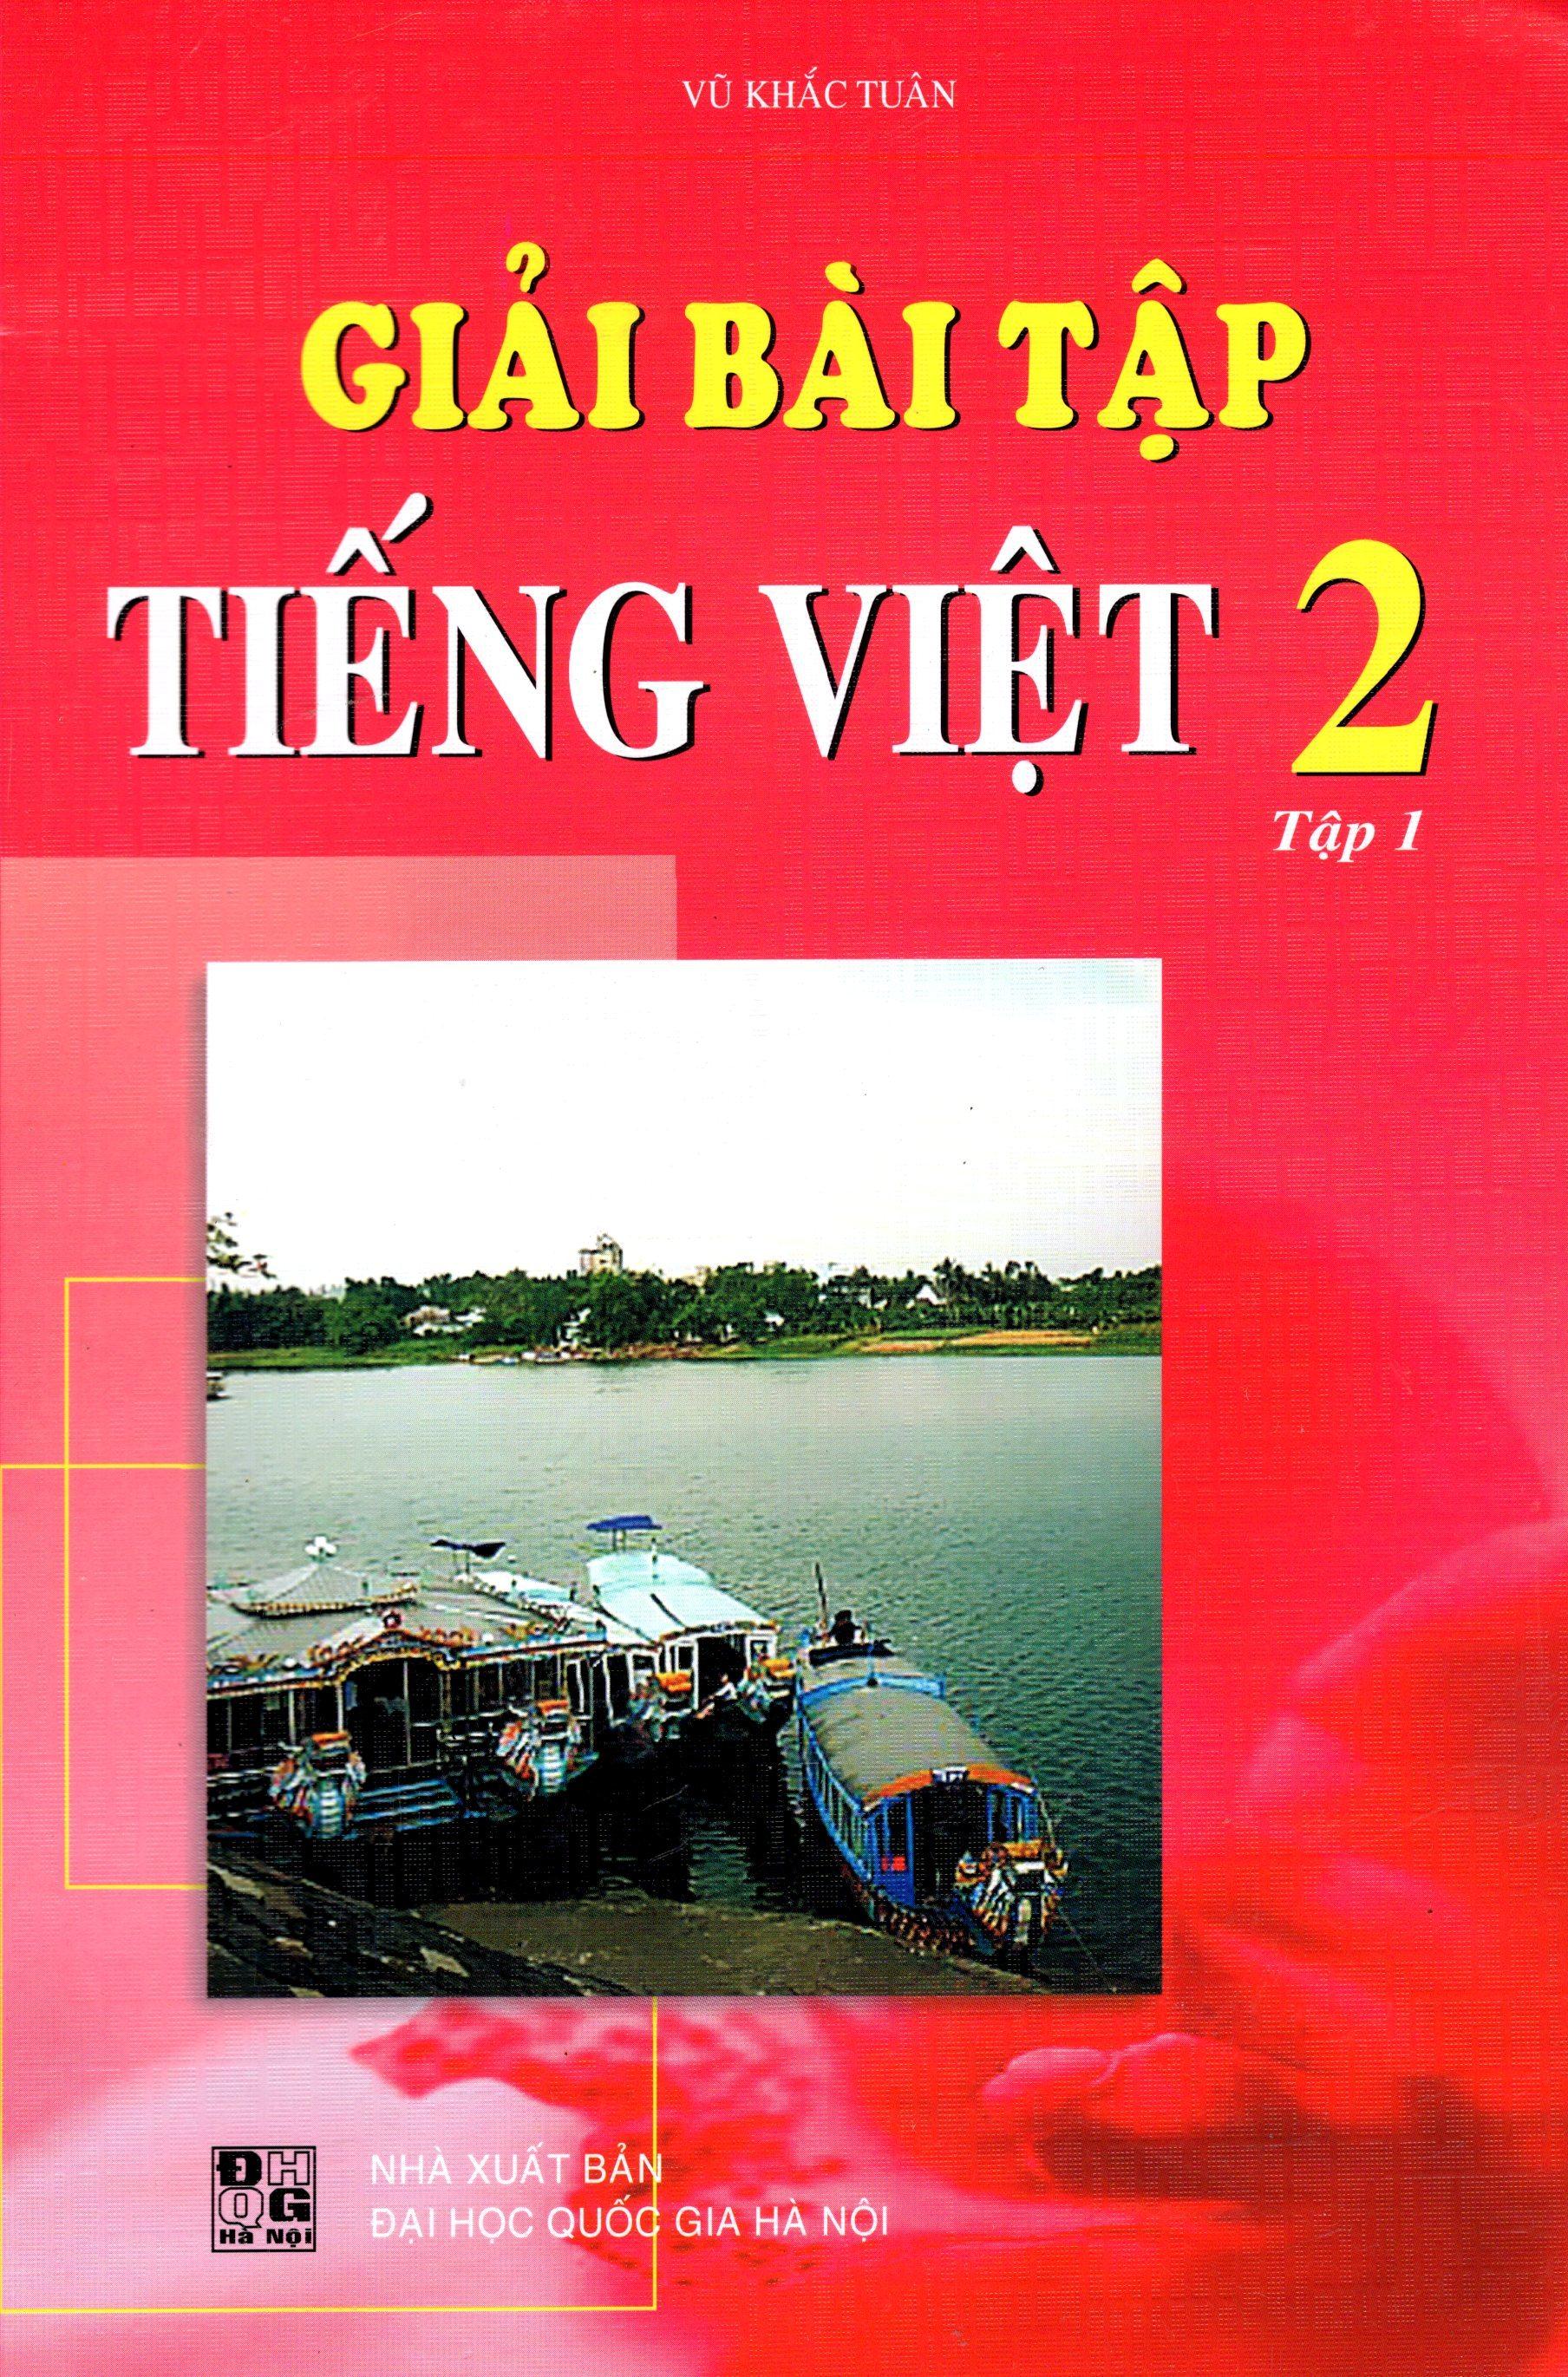 Giải Bài Tập Tiếng Việt Lớp 2 (Tập 1) (2015) - 8936036302745,62_219785,26000,tiki.vn,Giai-Bai-Tap-Tieng-Viet-Lop-2-Tap-1-2015-62_219785,Giải Bài Tập Tiếng Việt Lớp 2 (Tập 1) (2015)